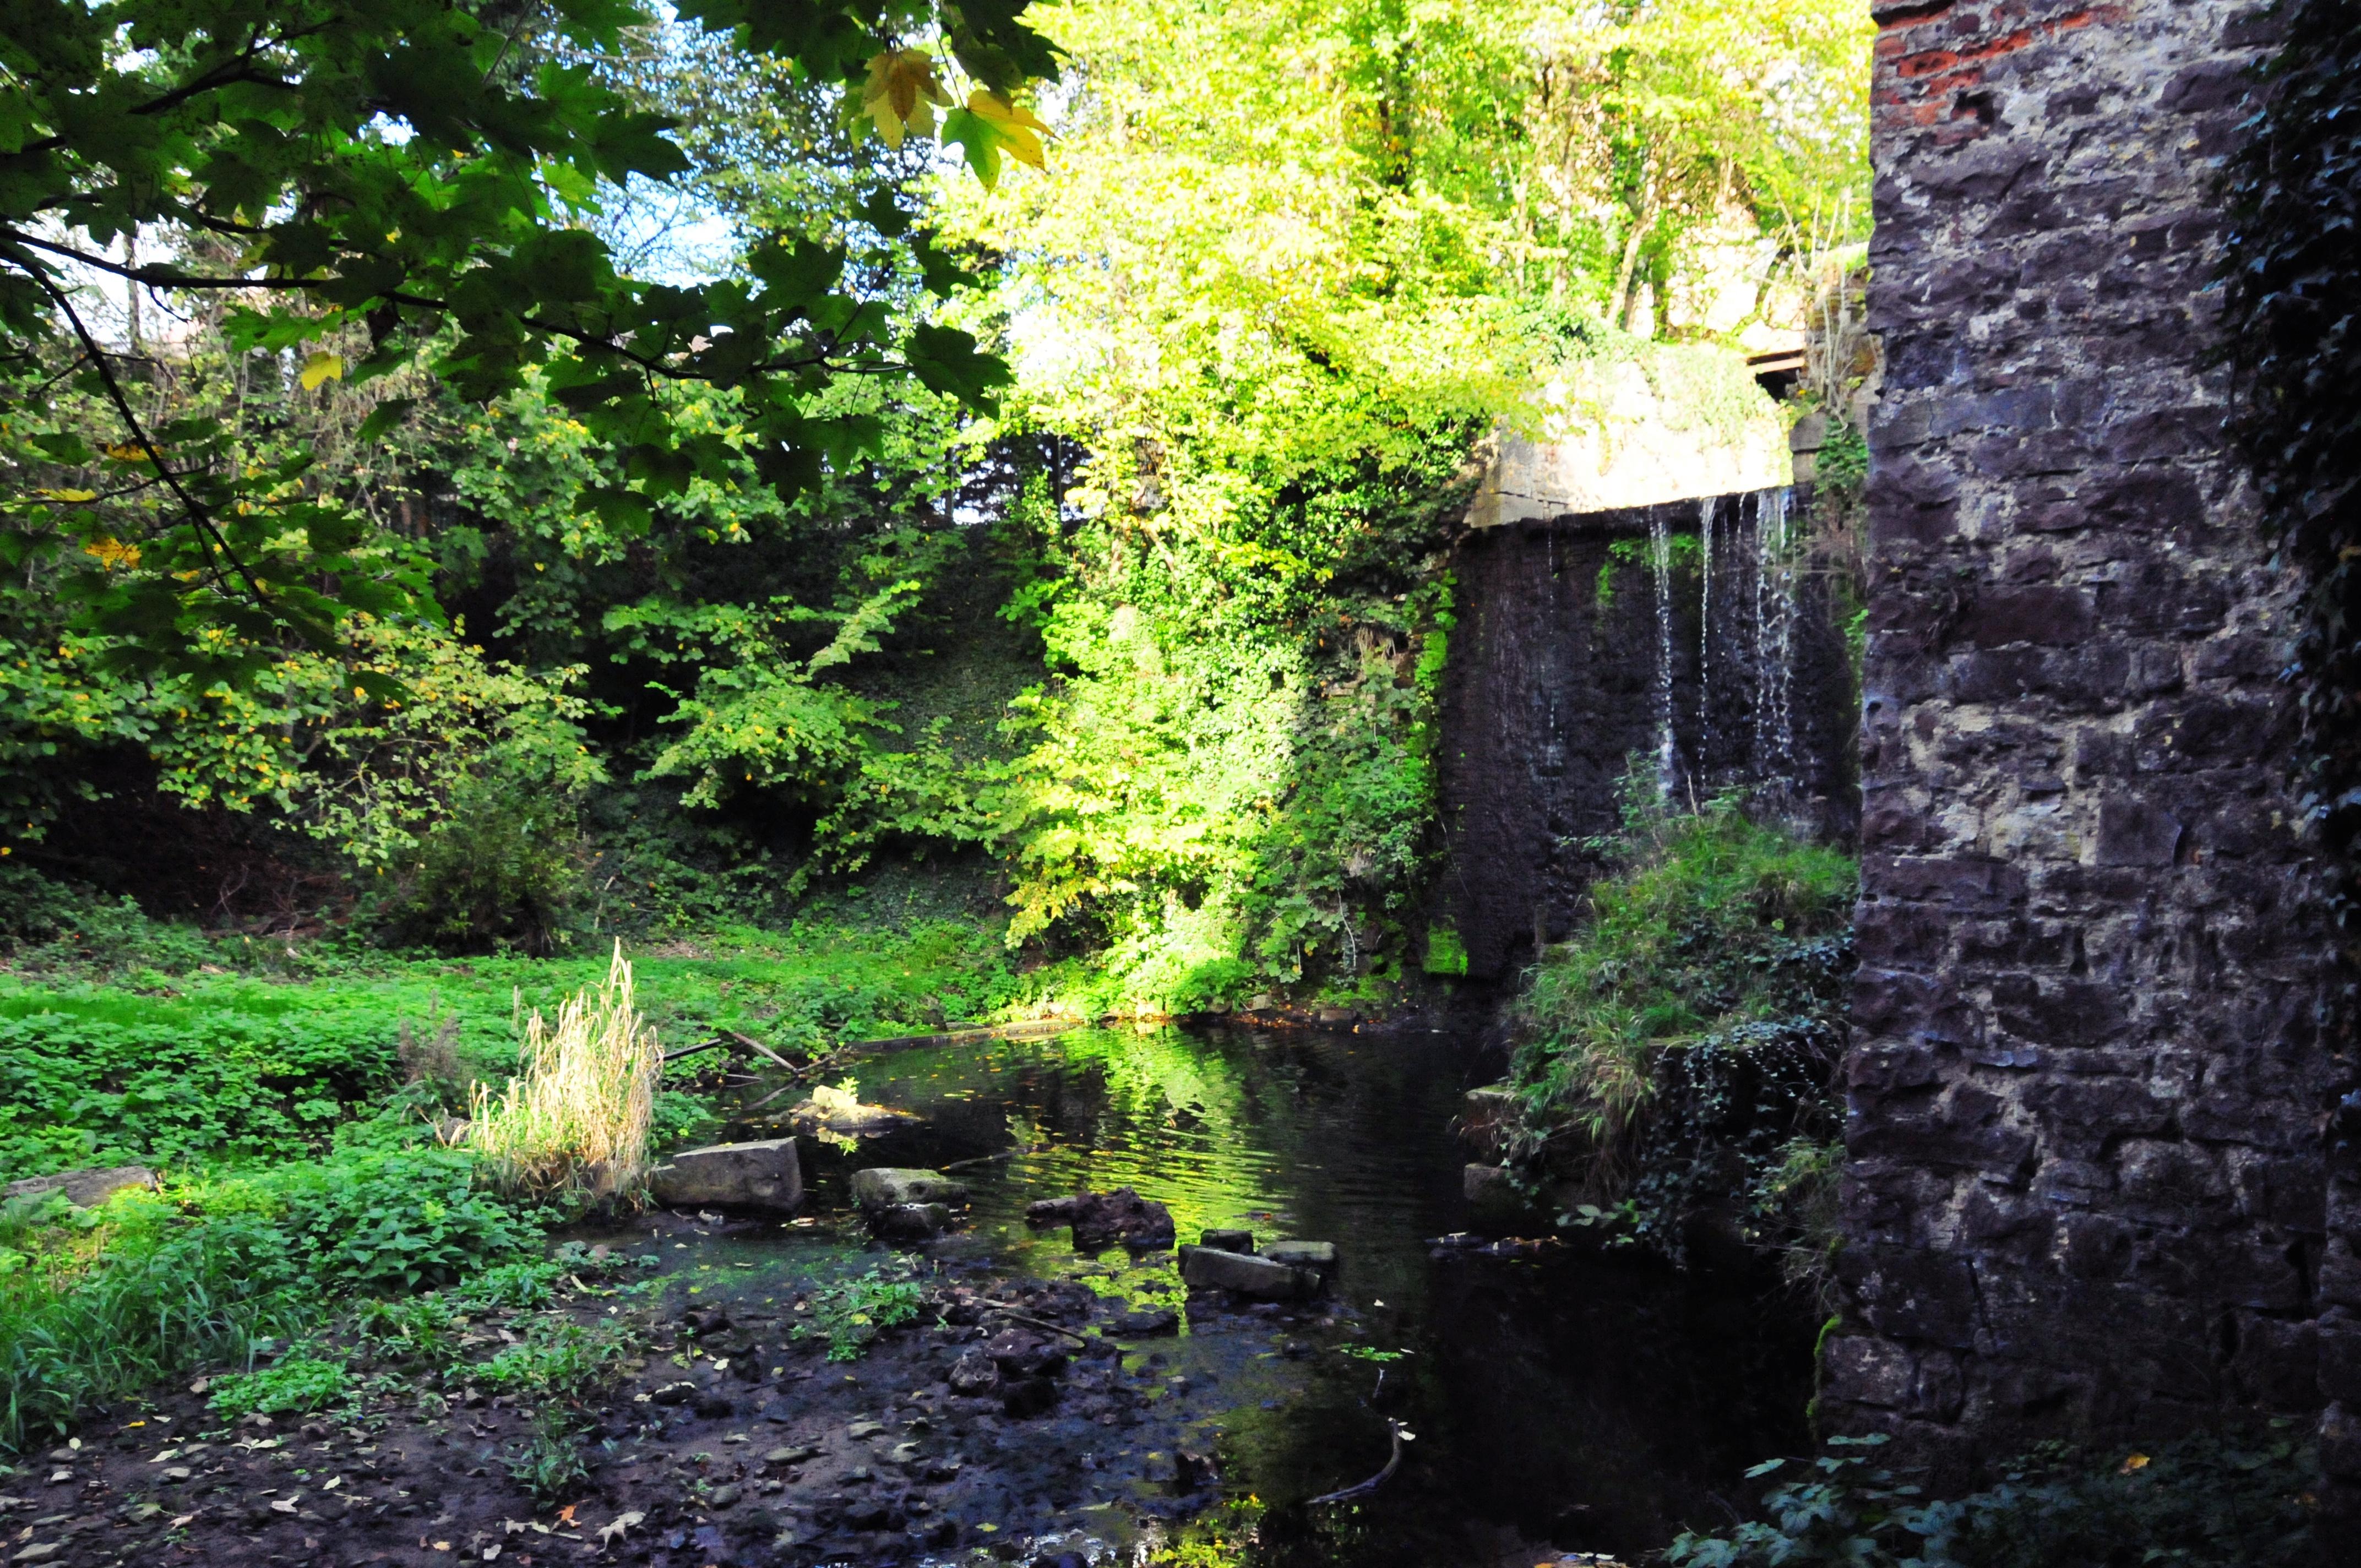 La chute d'eau du Moulin